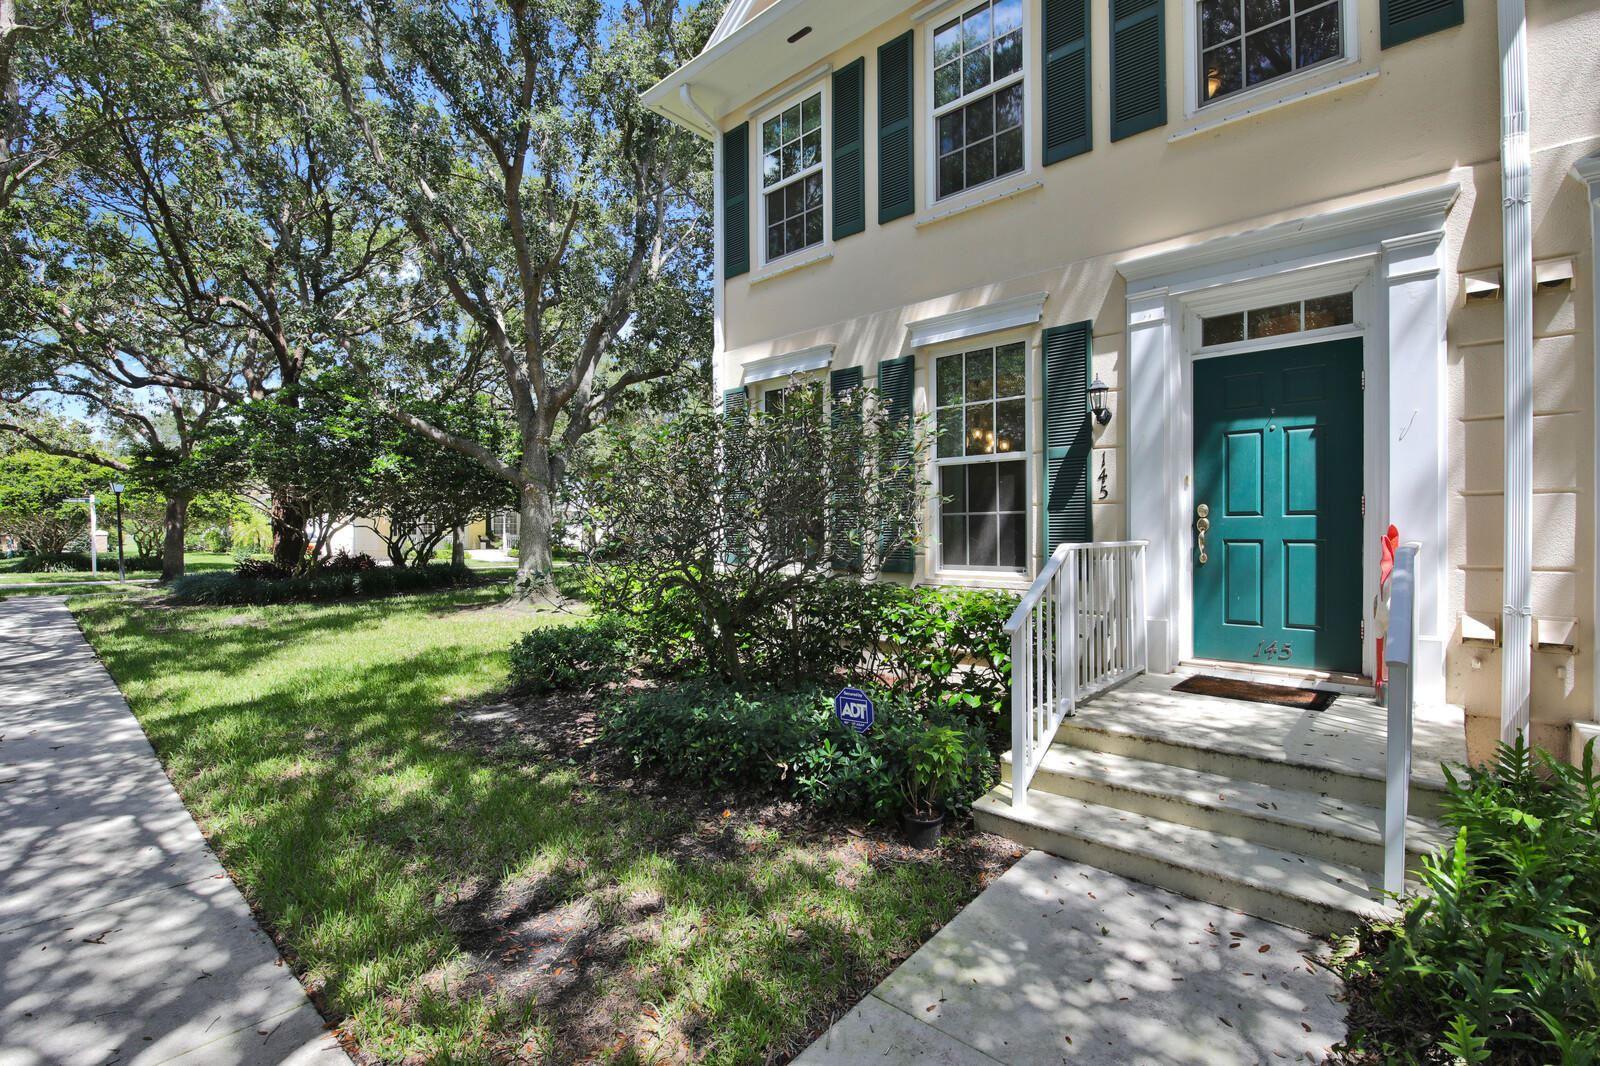 Photo of 145 Bermuda Drive, Jupiter, FL 33458 (MLS # RX-10653948)